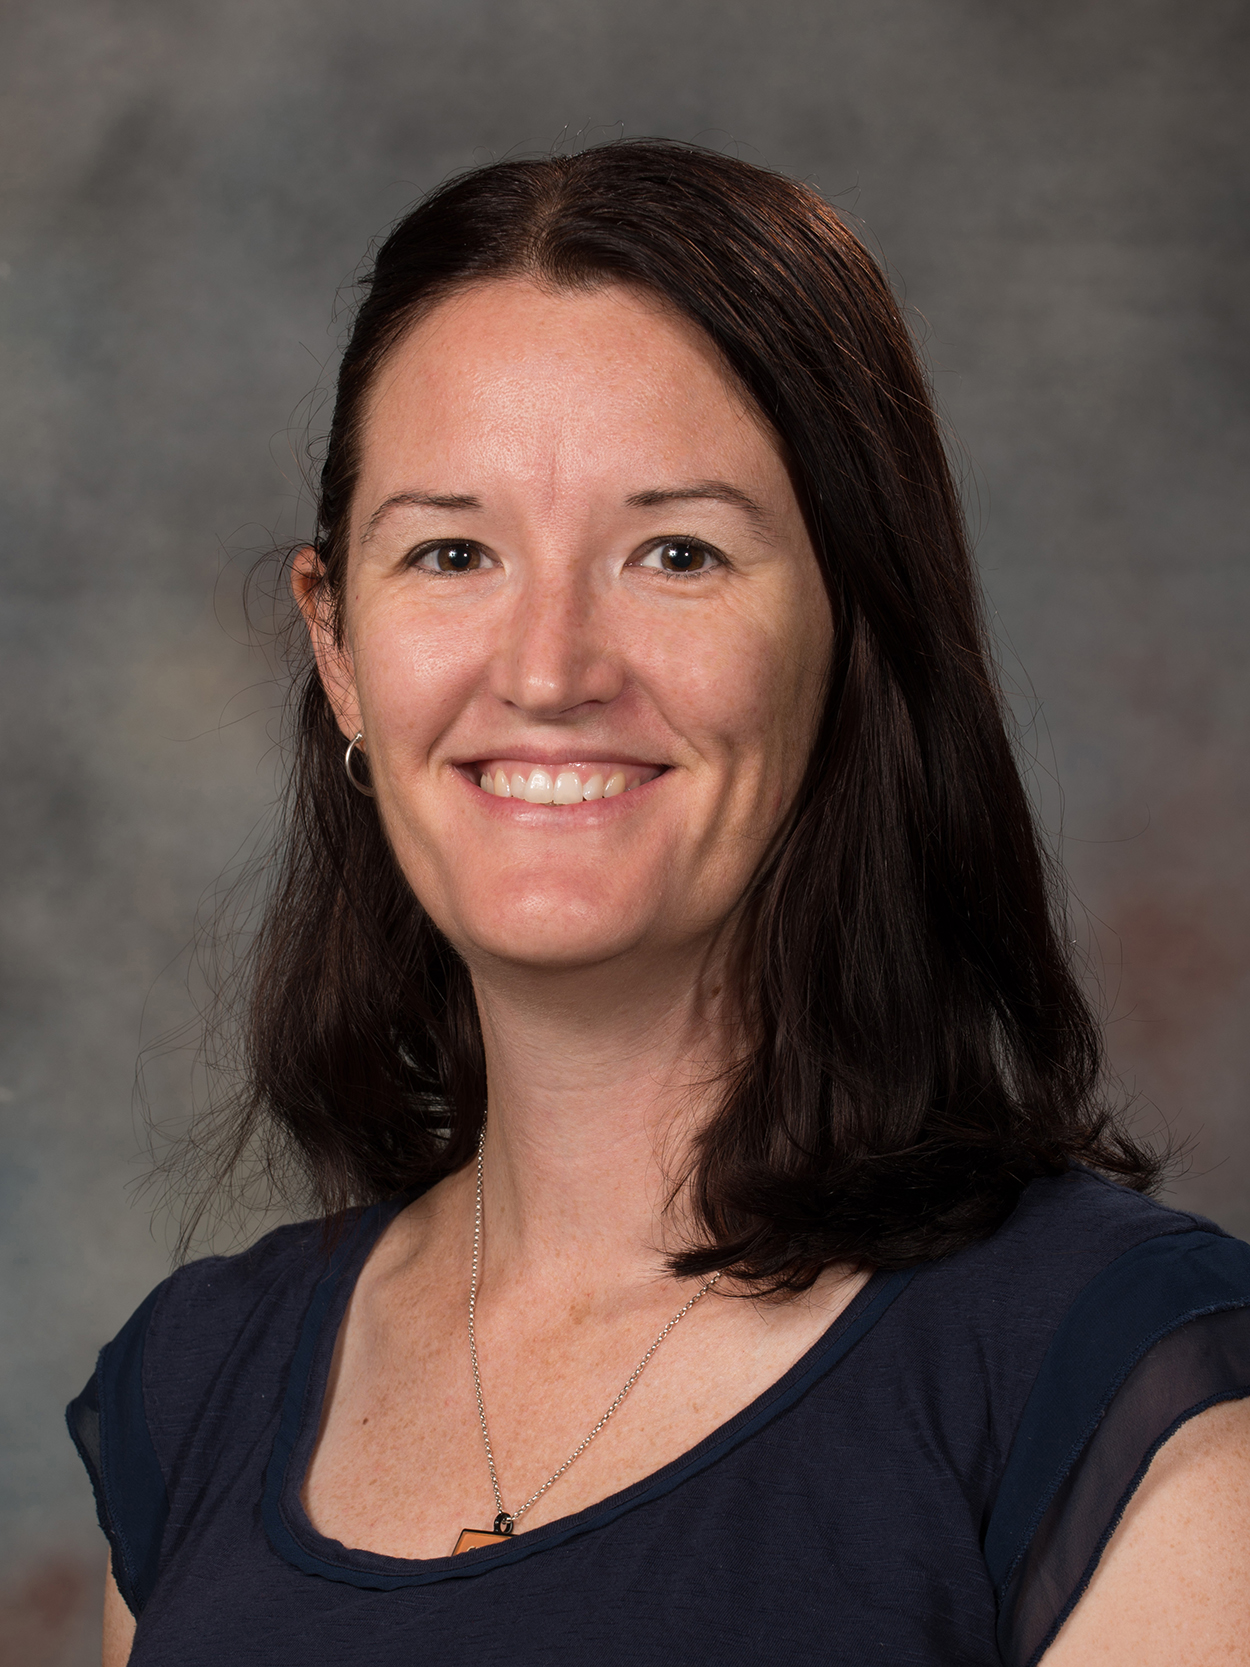 Dr. Carrie Clark